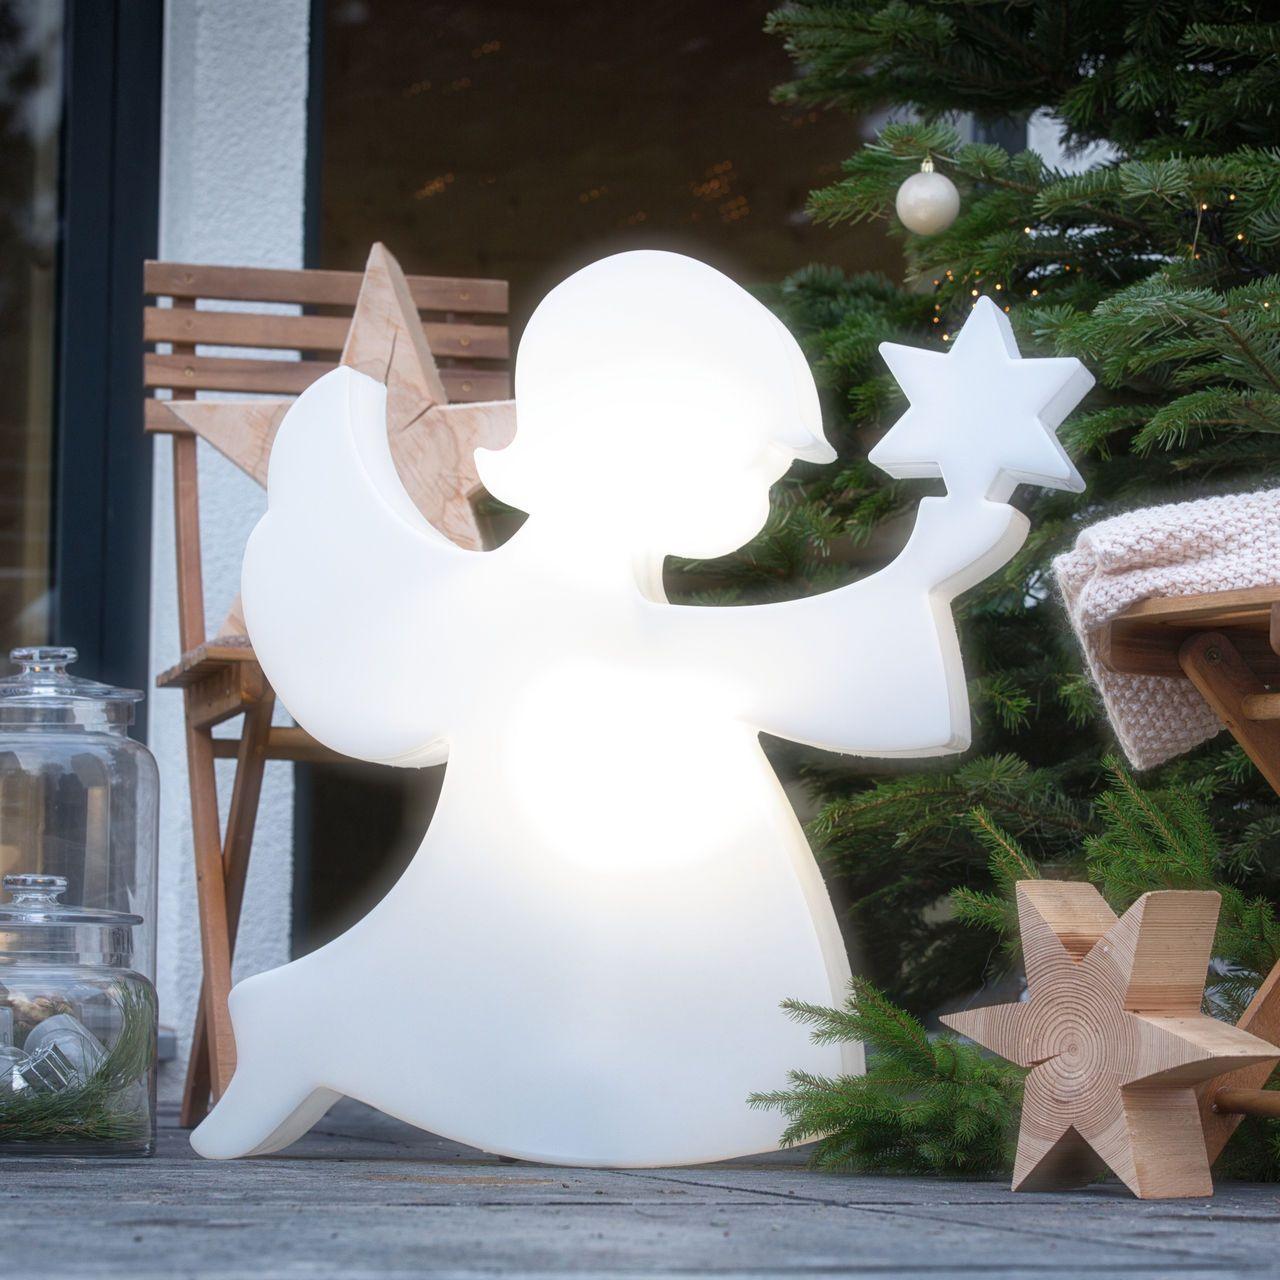 Weihnachtsbeleuchtung Engel.Zauberhafte Leuchtfigur Engel Weihnachtsbeleuchtung Für Innen Und